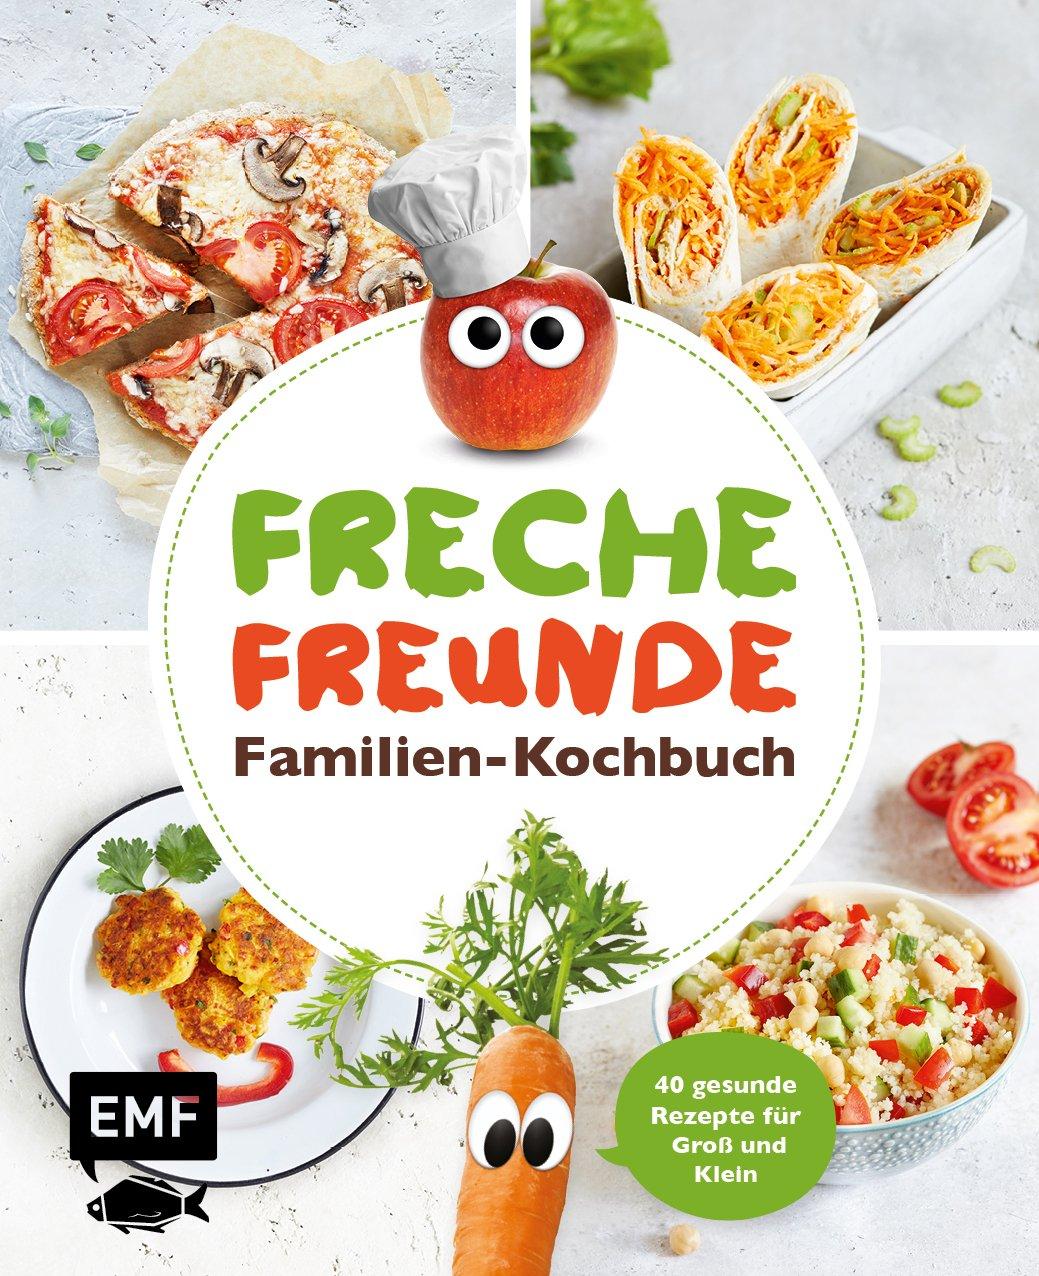 Freche Freunde – Familien-Kochbuch: 40 gesunde Rezepte für Groß und Klein Gebundenes Buch – 5. Oktober 2017 3863558413 Kind / Kochen Backen Kochen / Allgemeines Kochbuch